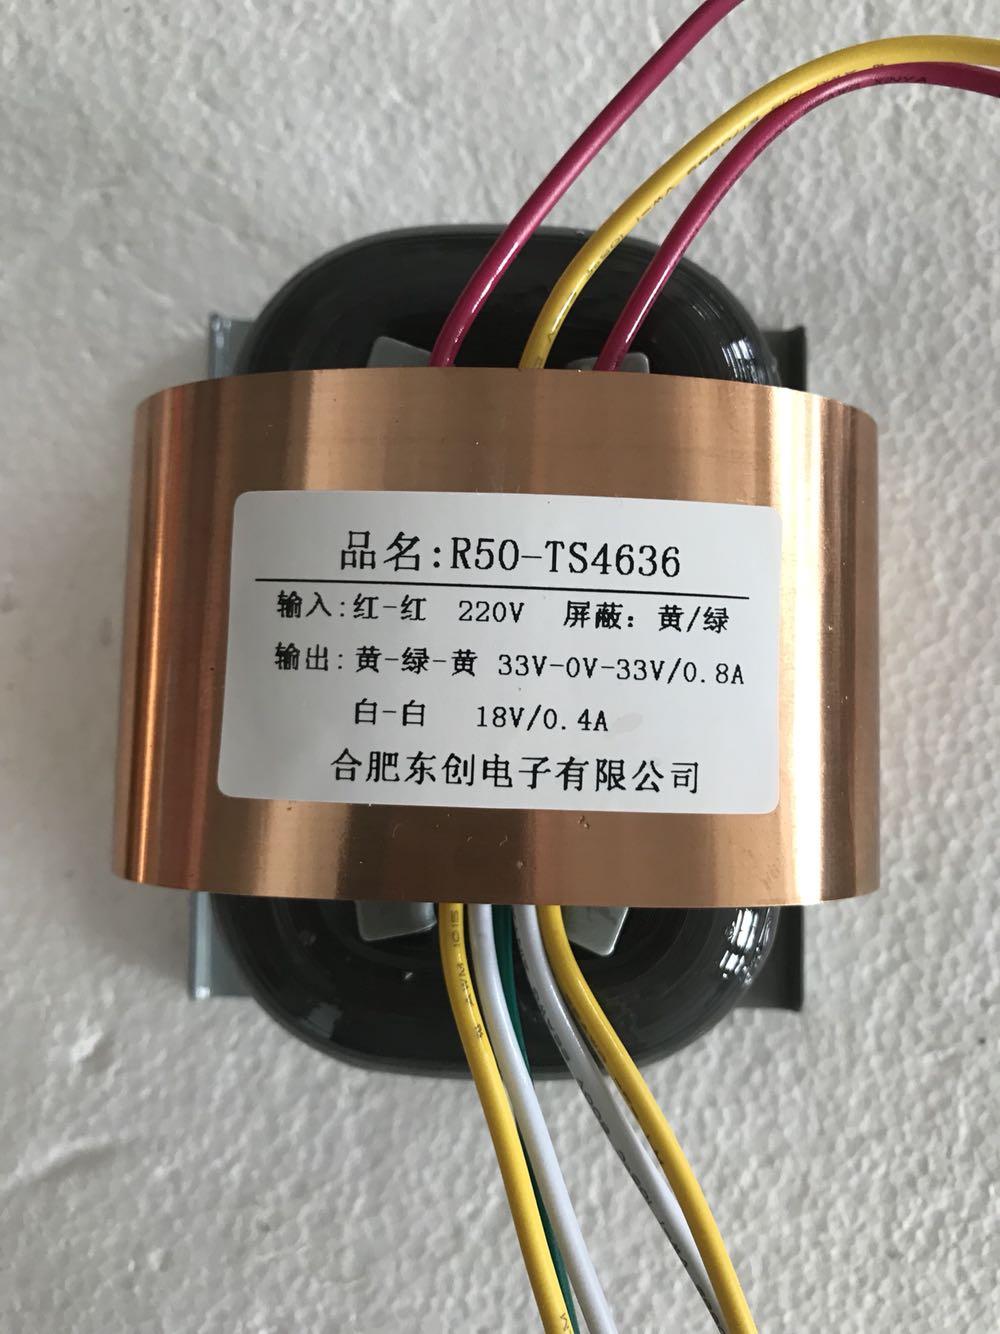 33V-0-33V 0.8A 18V 0.4A R Core Transformer R50 custom transformer 220V with copper shield output Pre-decoder Power amplifier 2500pcs zmm33v ll 34 zmm 33v 1 2w 1206 33v 0 5w smd